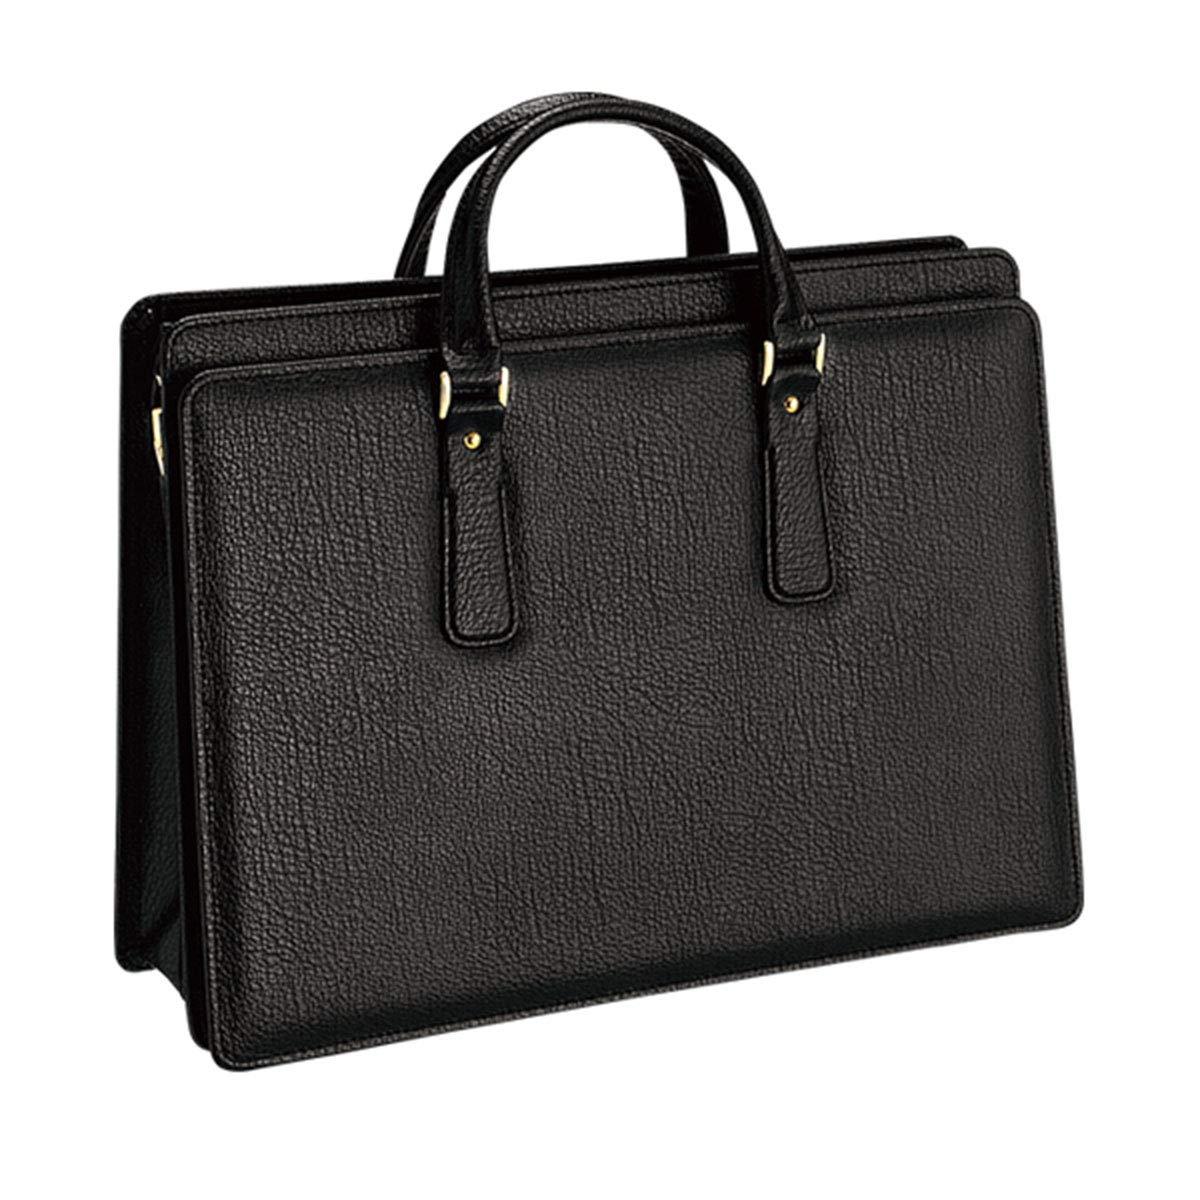 鞄 ブラック10 B00EF3PSMI